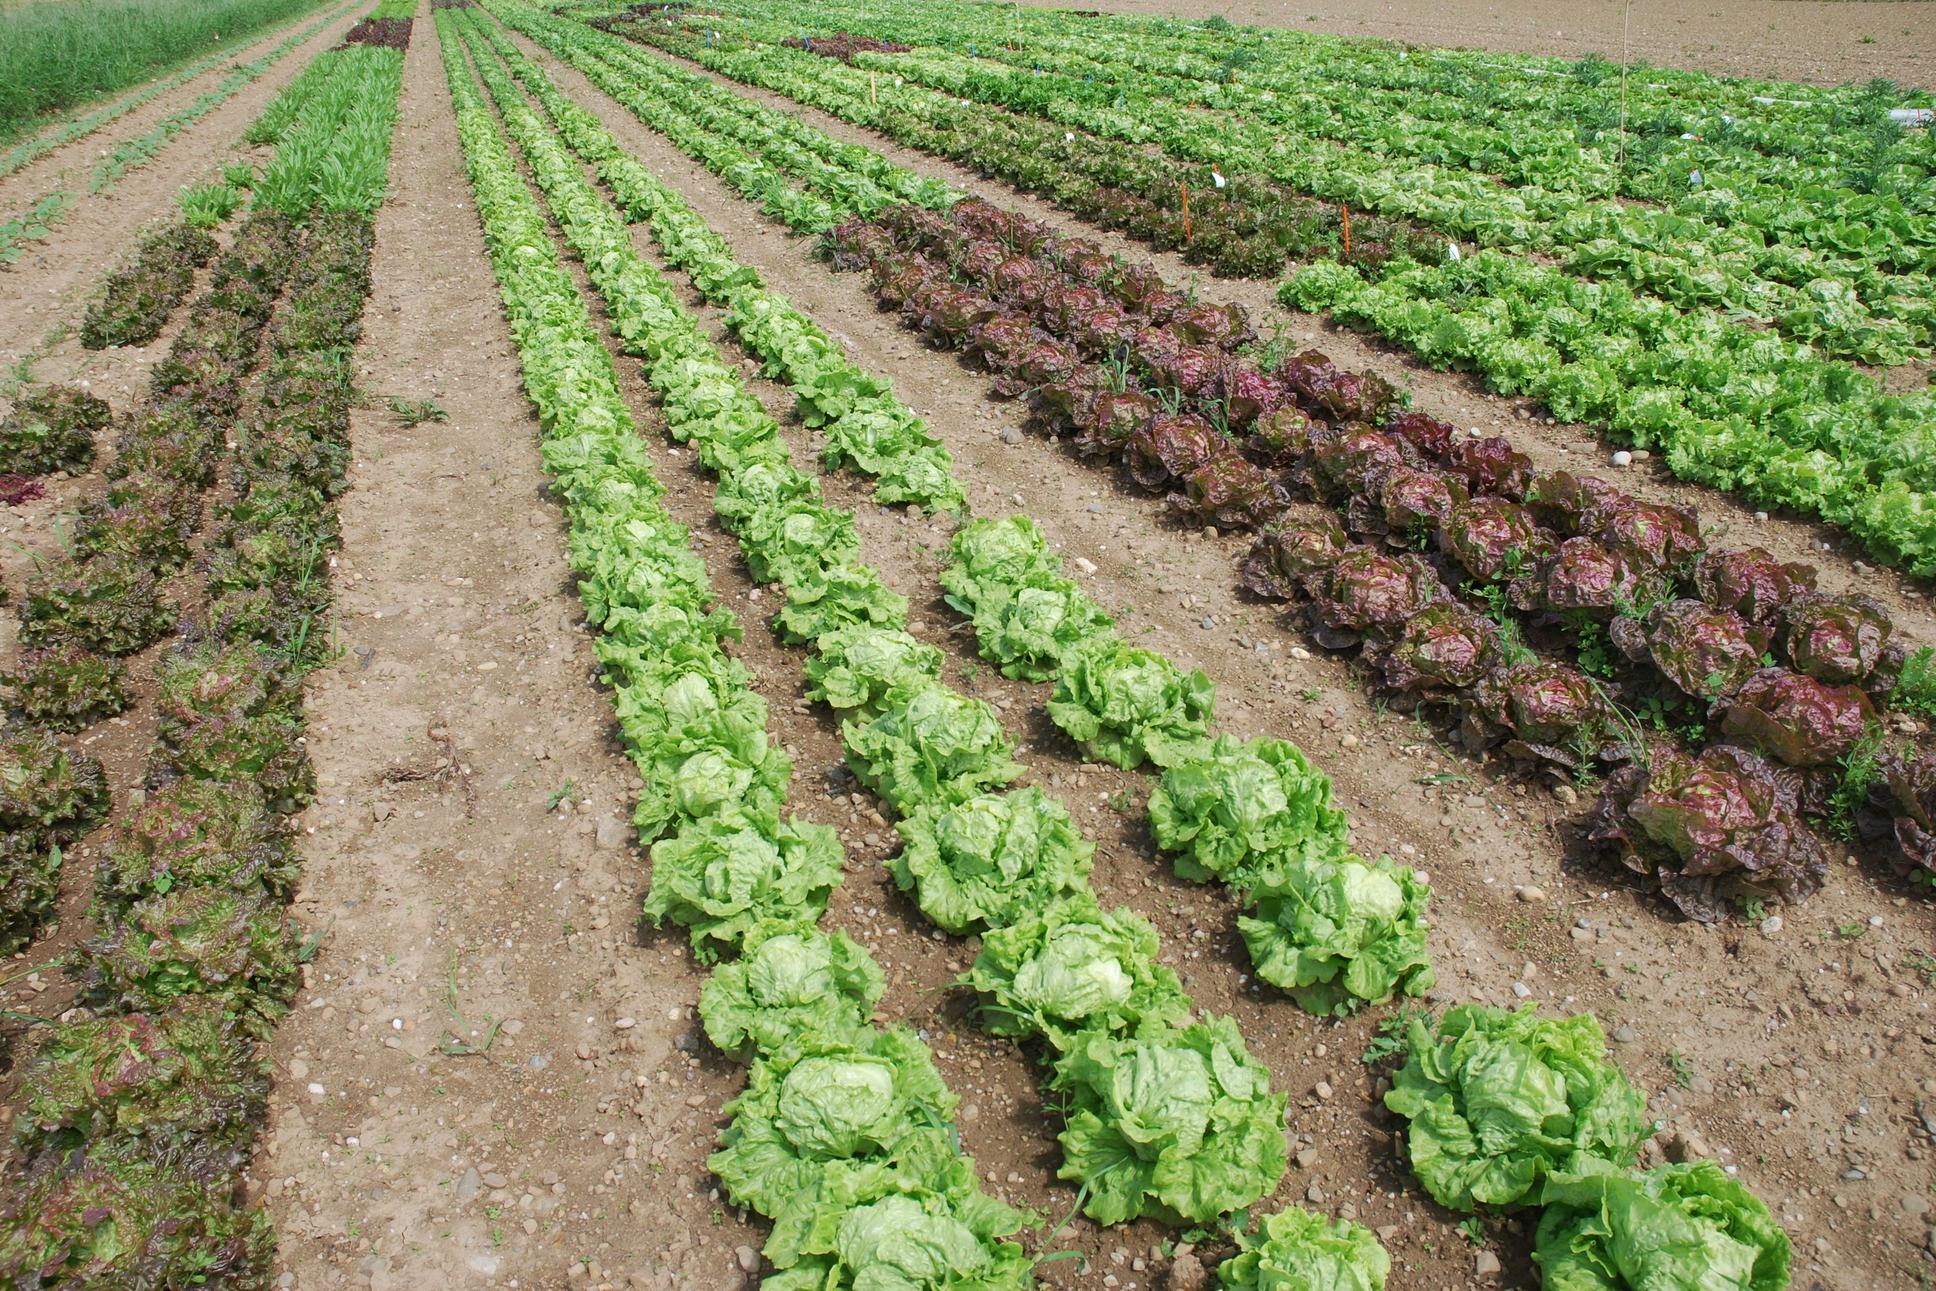 Mit vereinten Gärten - Salat Freiland Parzellen